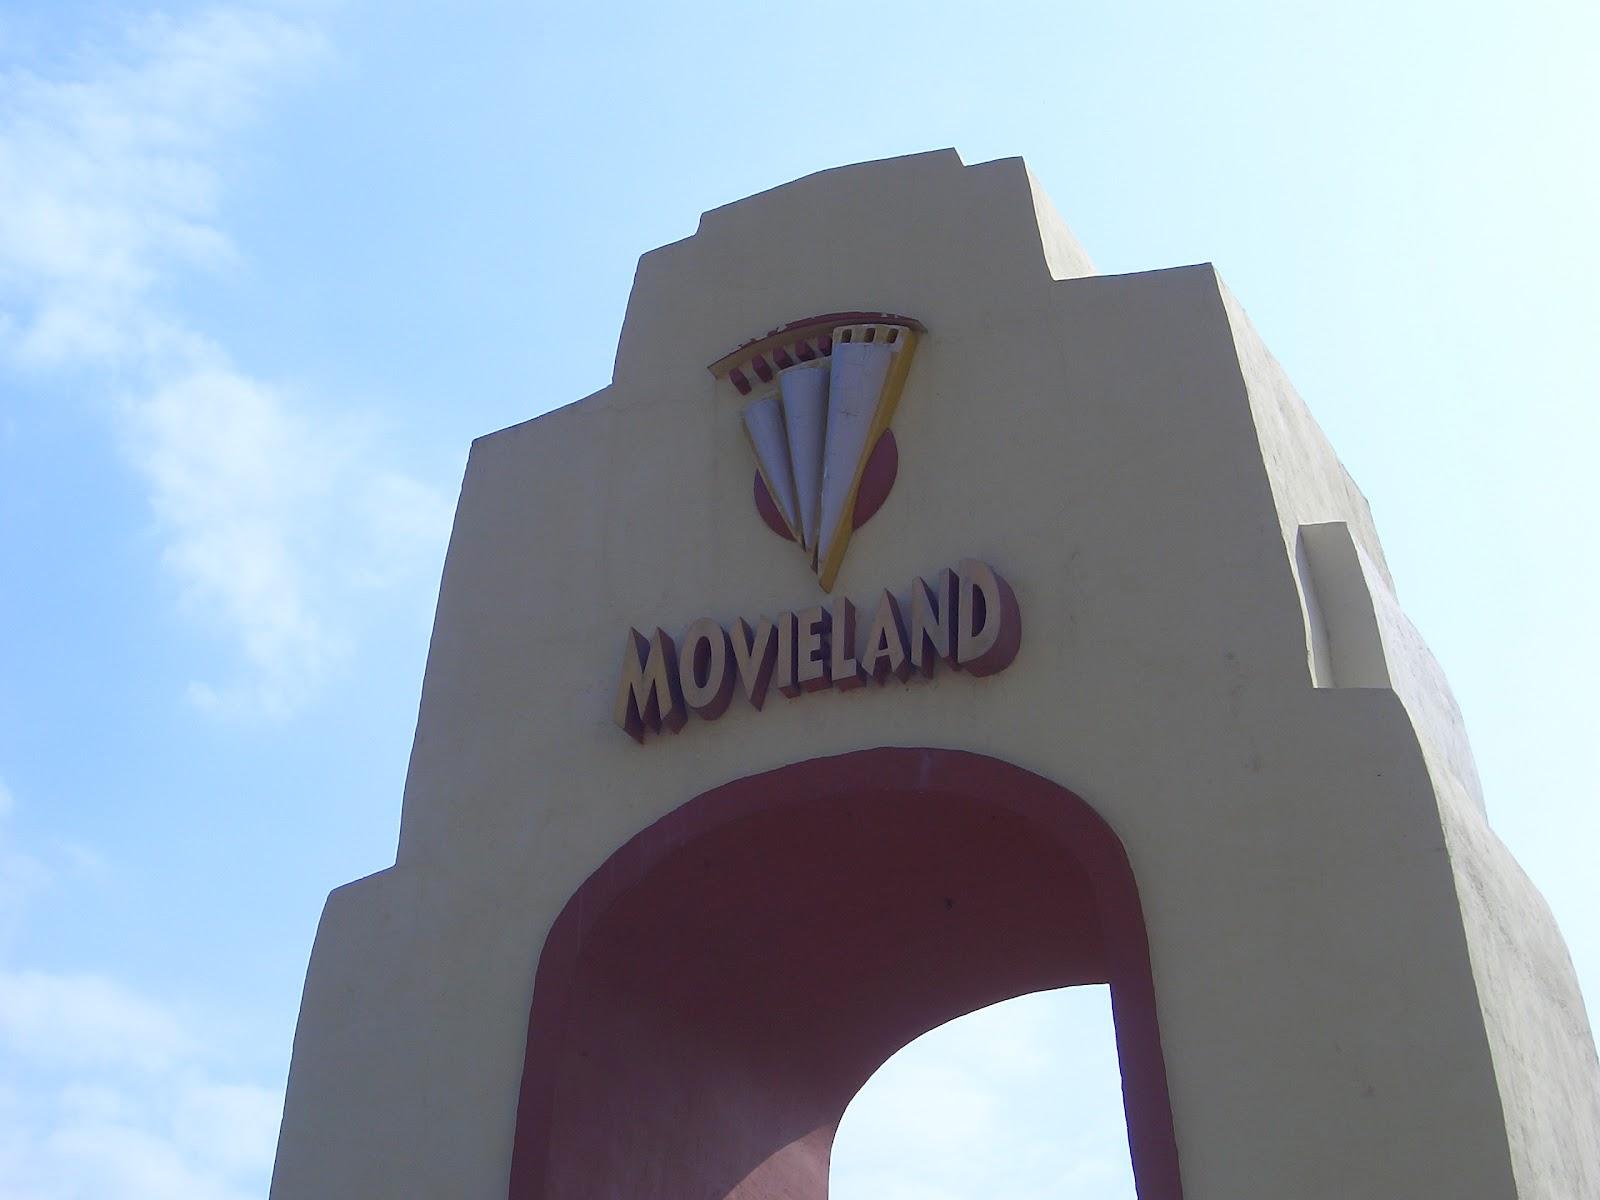 Movieland: orari e prezzo biglietto